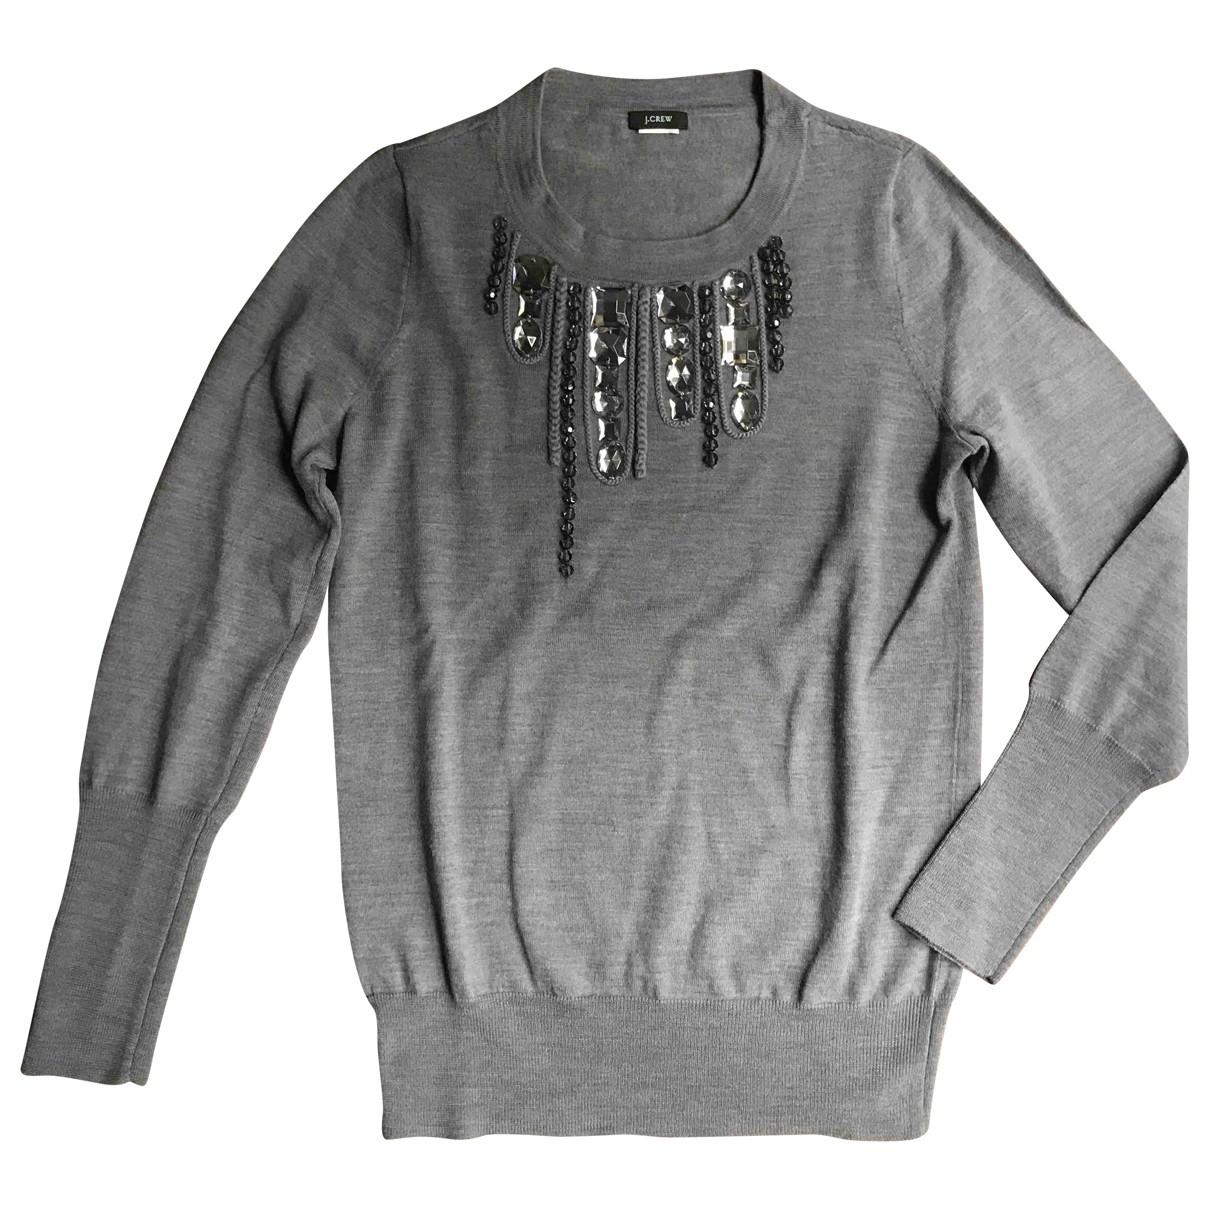 J.crew - Pull   pour femme en laine - gris